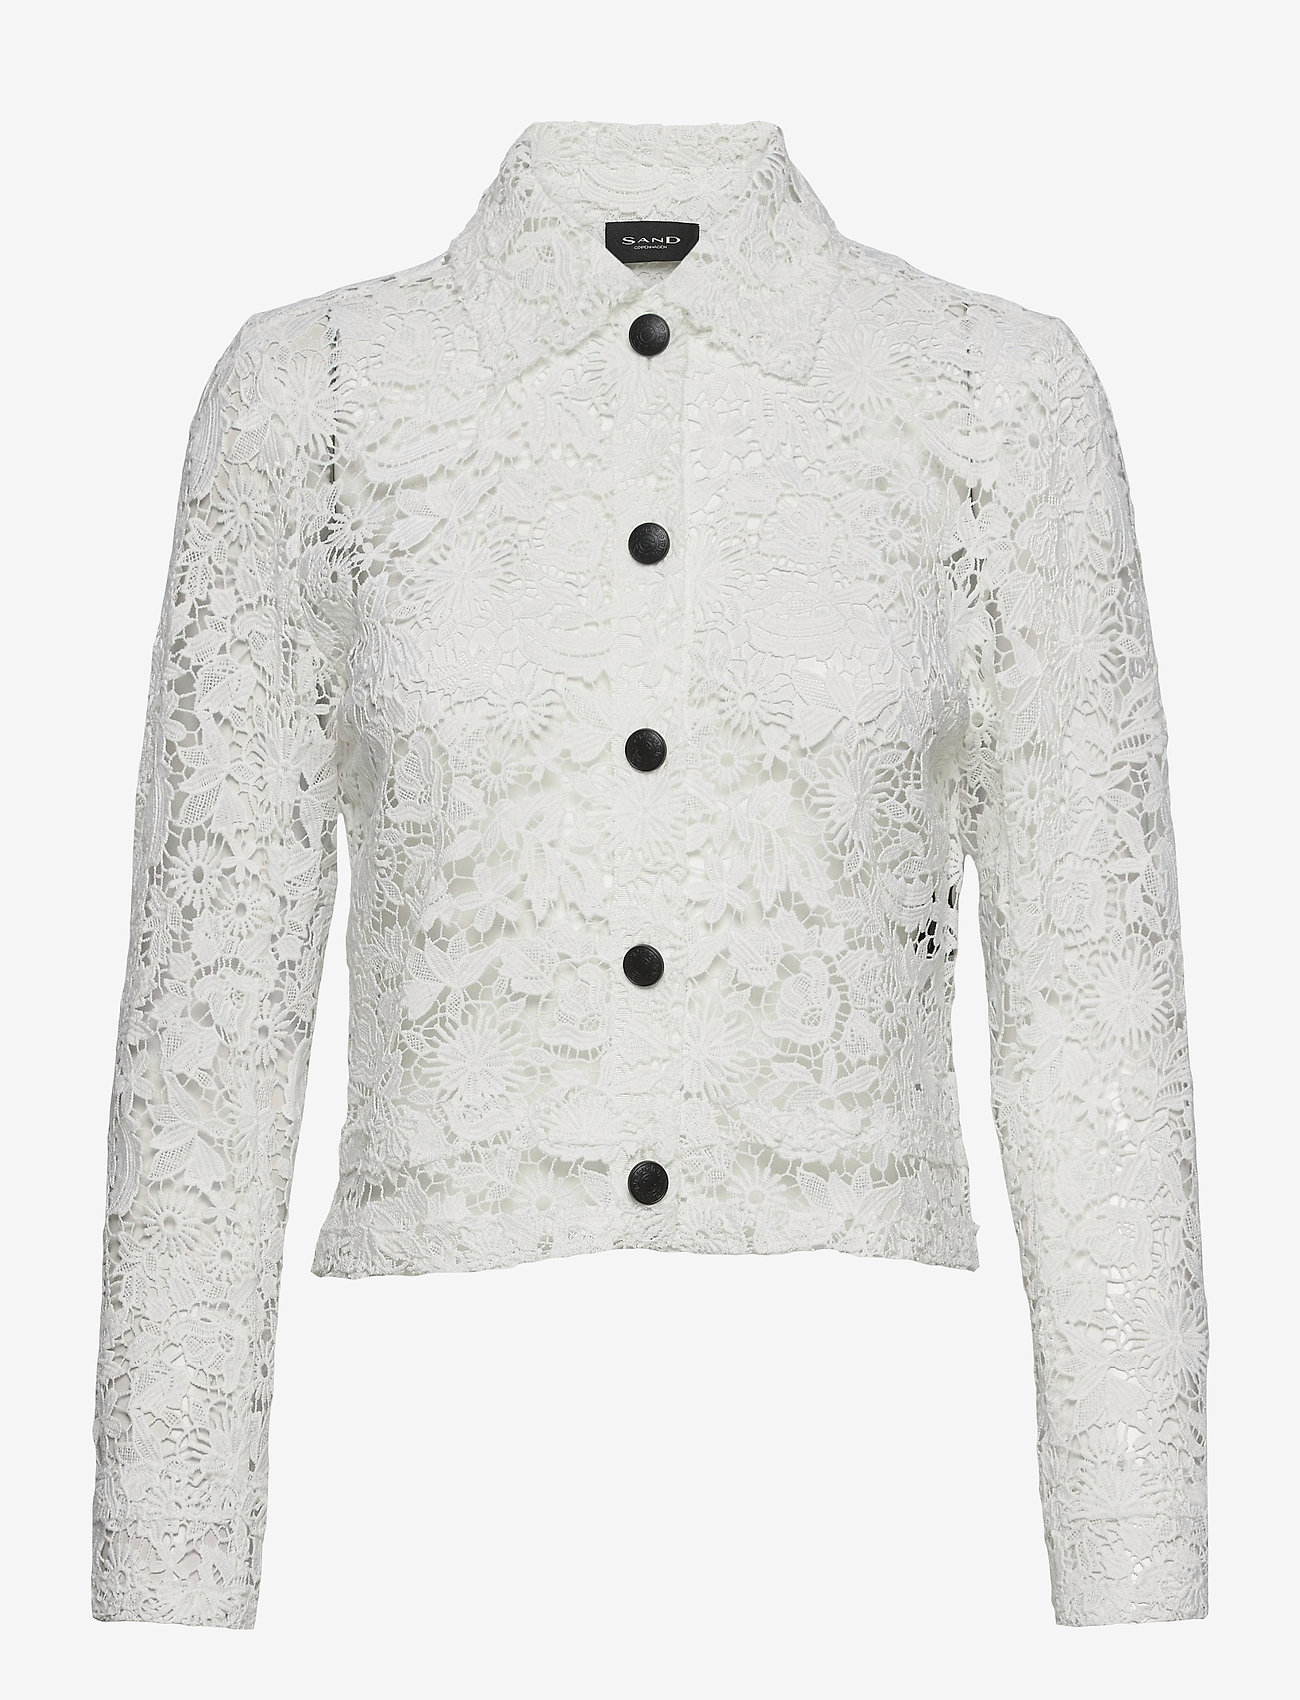 SAND - 3180 - Kaela - overhemden met lange mouwen - off white - 0